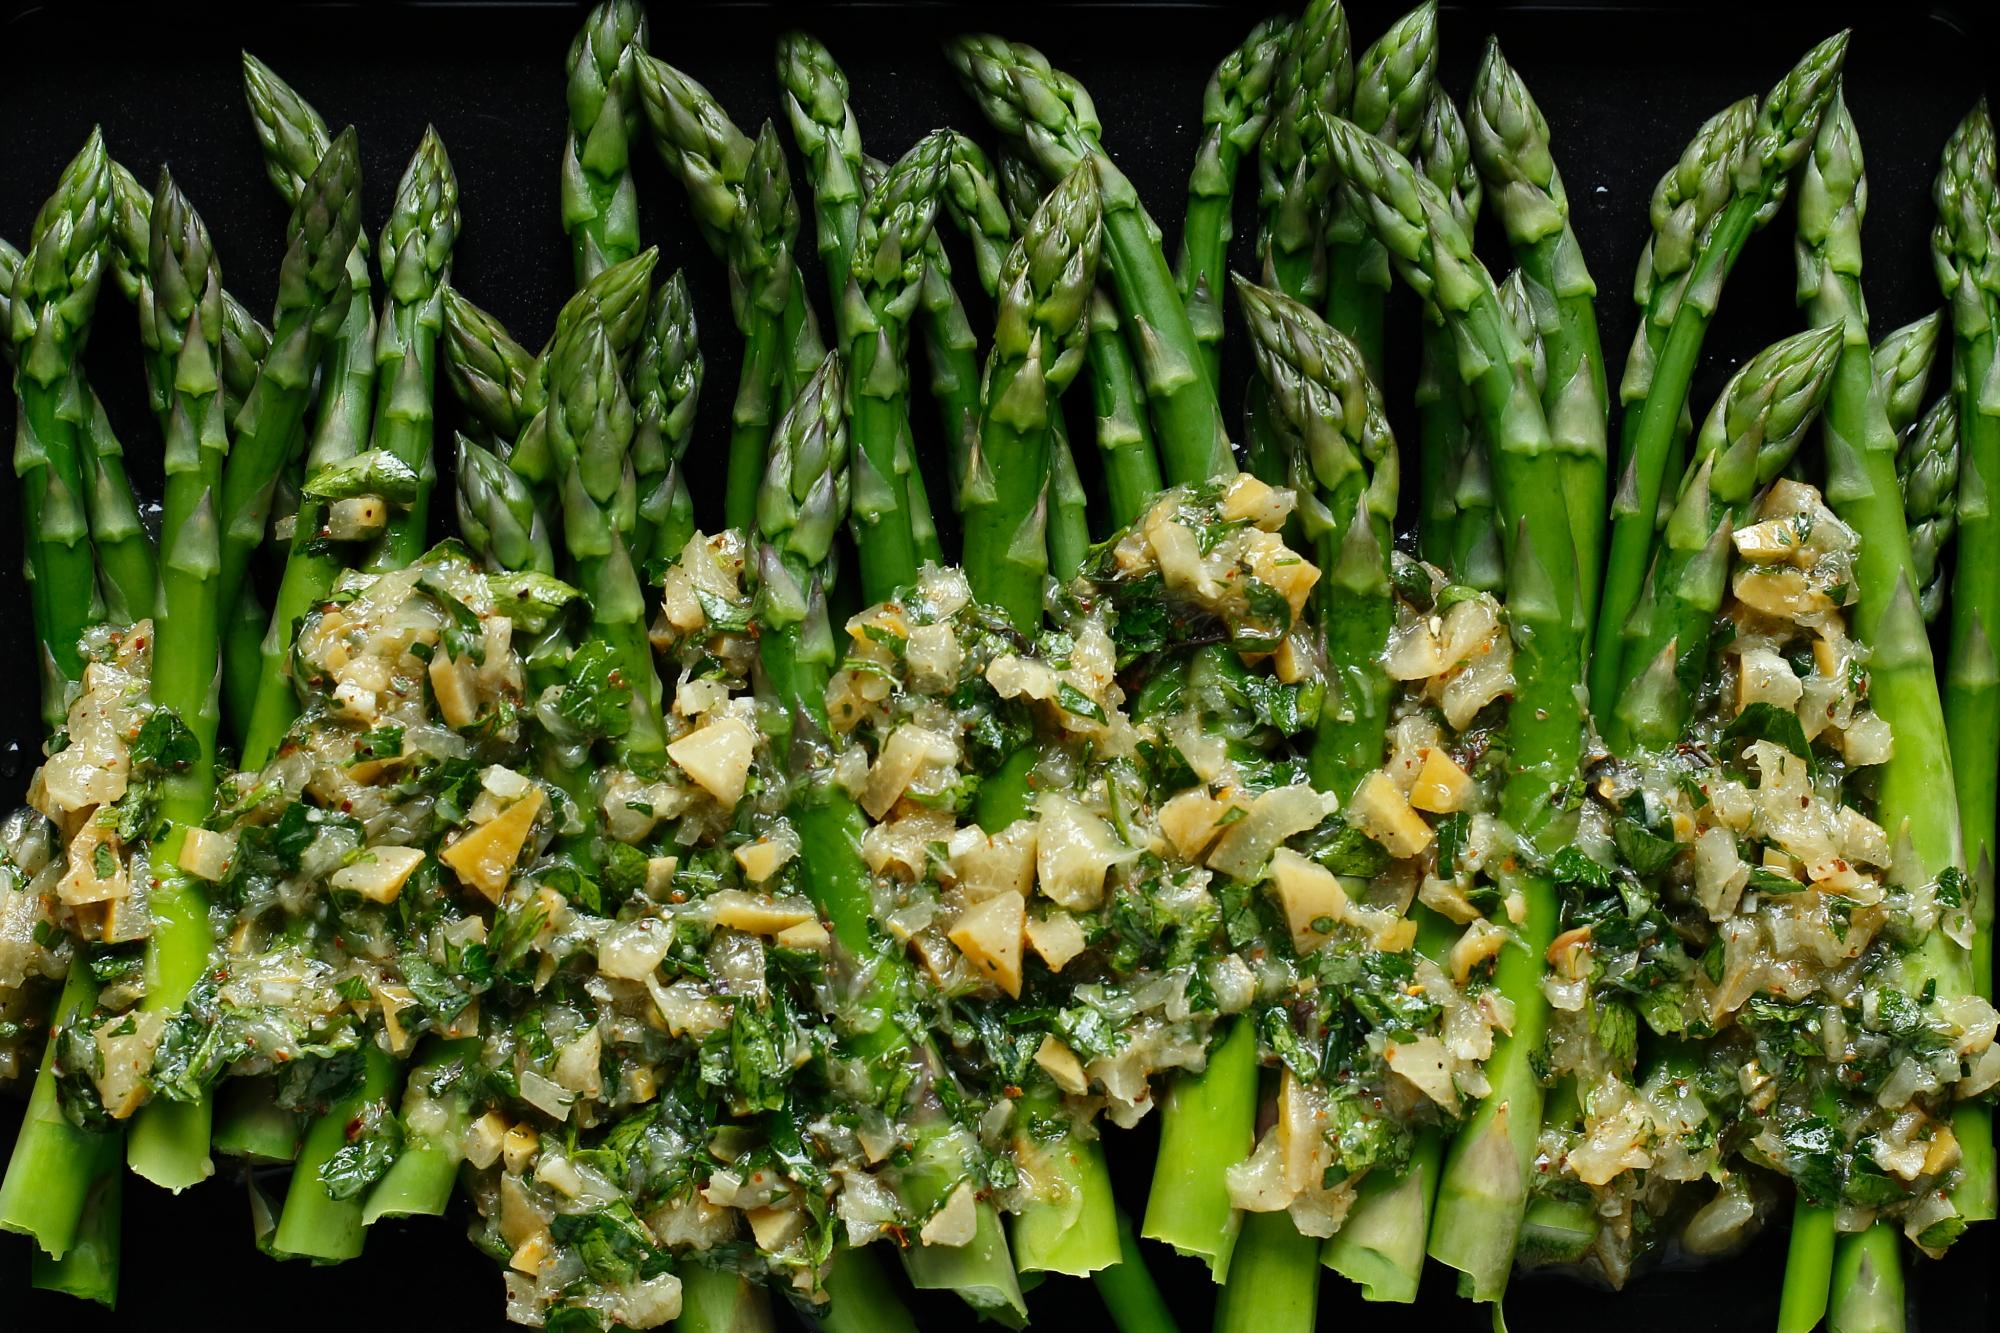 Szparagi w sosie z kiszonych cytryn